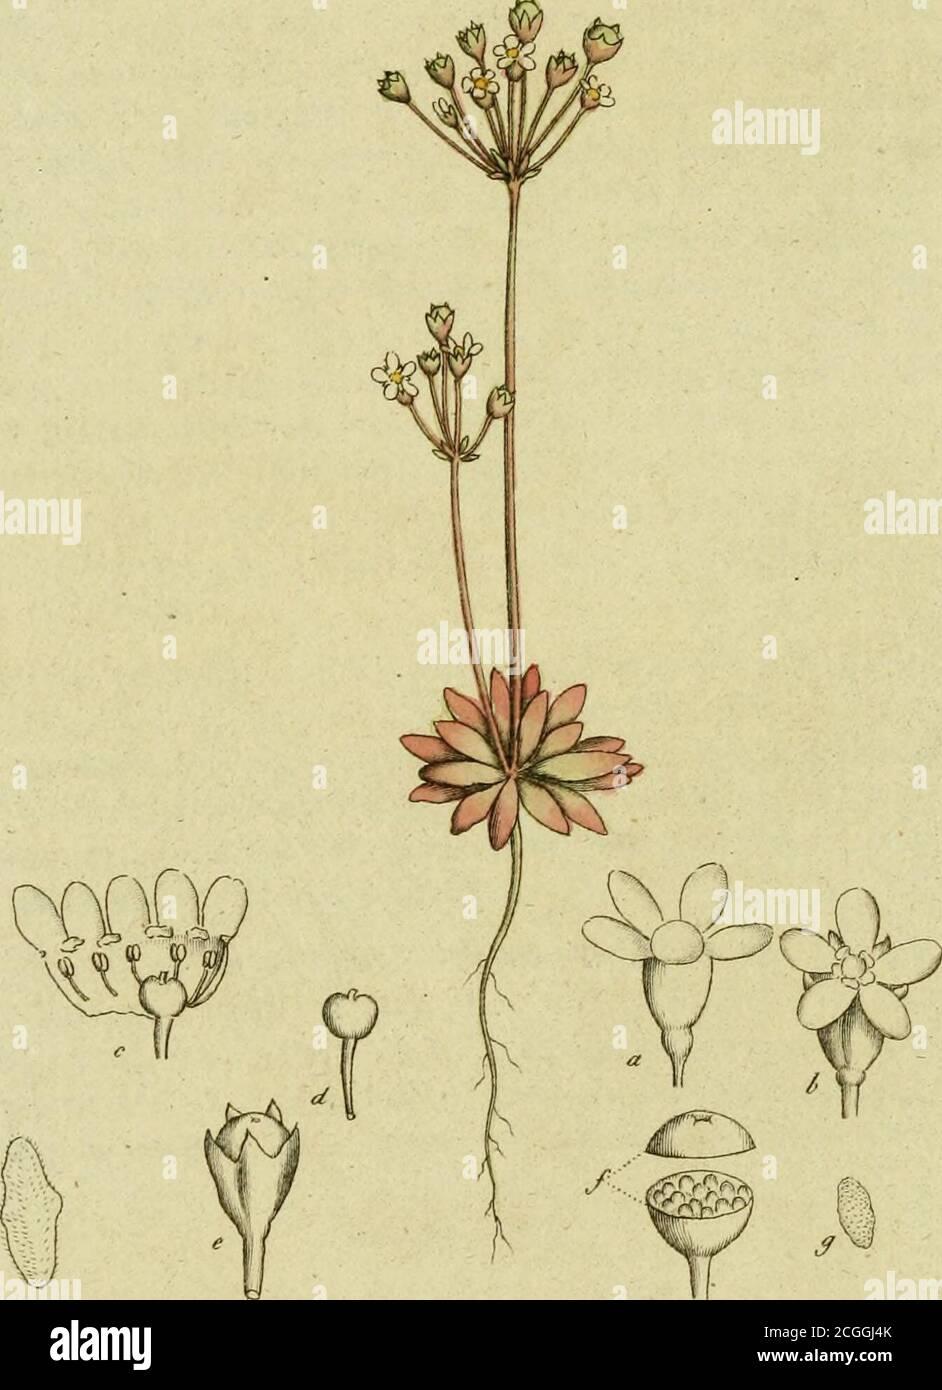 . Svensk botanik . ej så grönaktigt hvita. Men cgentliga åtskillnaden består i den lilla blomfoder-lika till-satsen under blomman, som hos den Lappska är fästadendast på sidan af stängeln, och på afstånd från kronbla-den ; hos den större åter, sitter blomfodret tätt under dem,och äger dessutom smala blomskärmar (bractese) som åt-skilja blommorna. Häraf synes den specifika åtskillnaden otvifvelaktig, ochdenna upplysning, som D. Wahlenberg först gifvit, är jem-te teckningen på begge, troligen icke utan nytta för demsom beflita sig om vexternas kännedom ; oaktadt ingen egent-lig förtjenst kan för Stock Photo